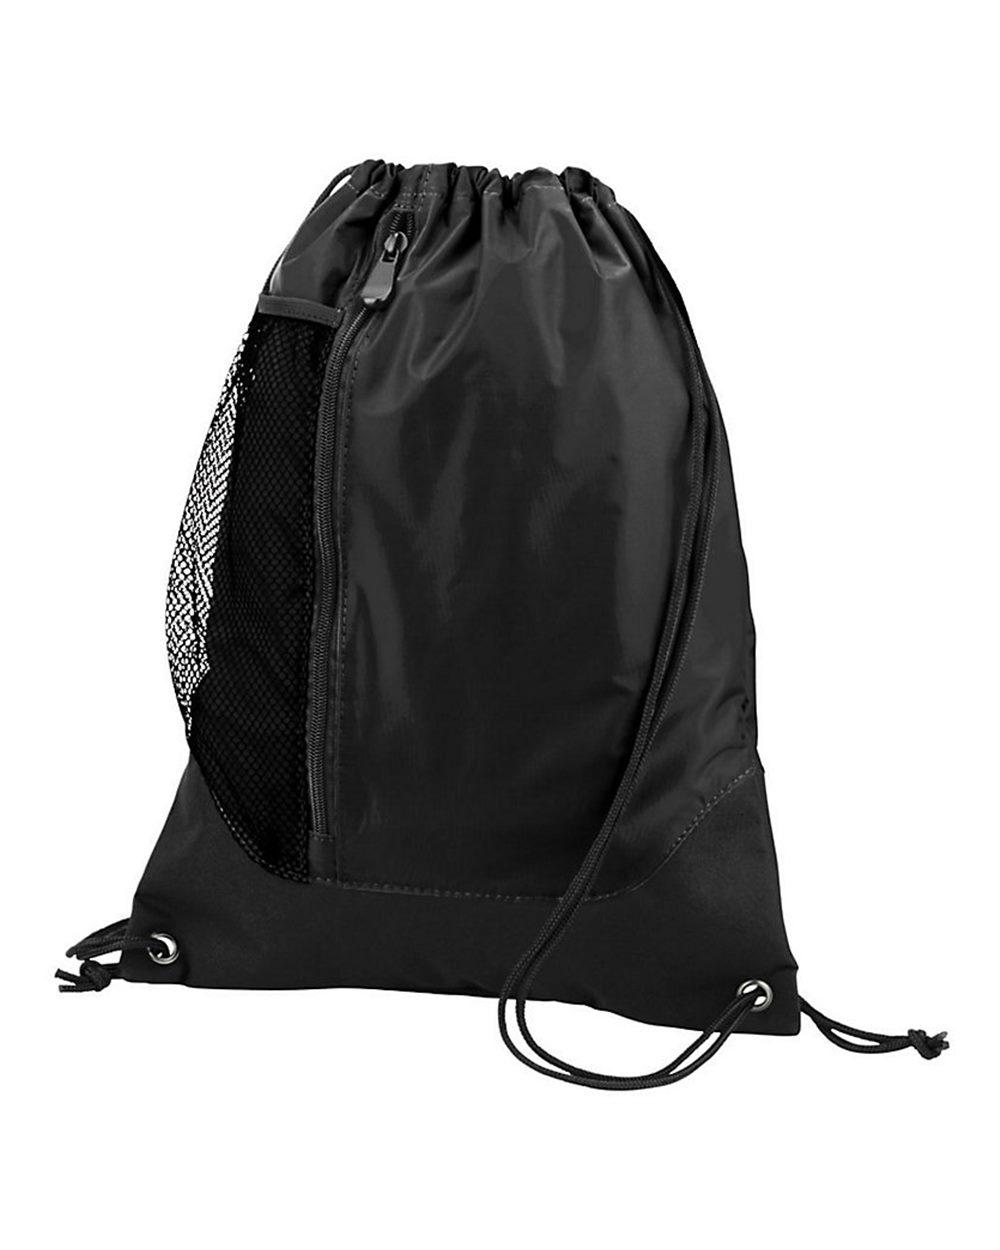 Overtime Drawstring Bag